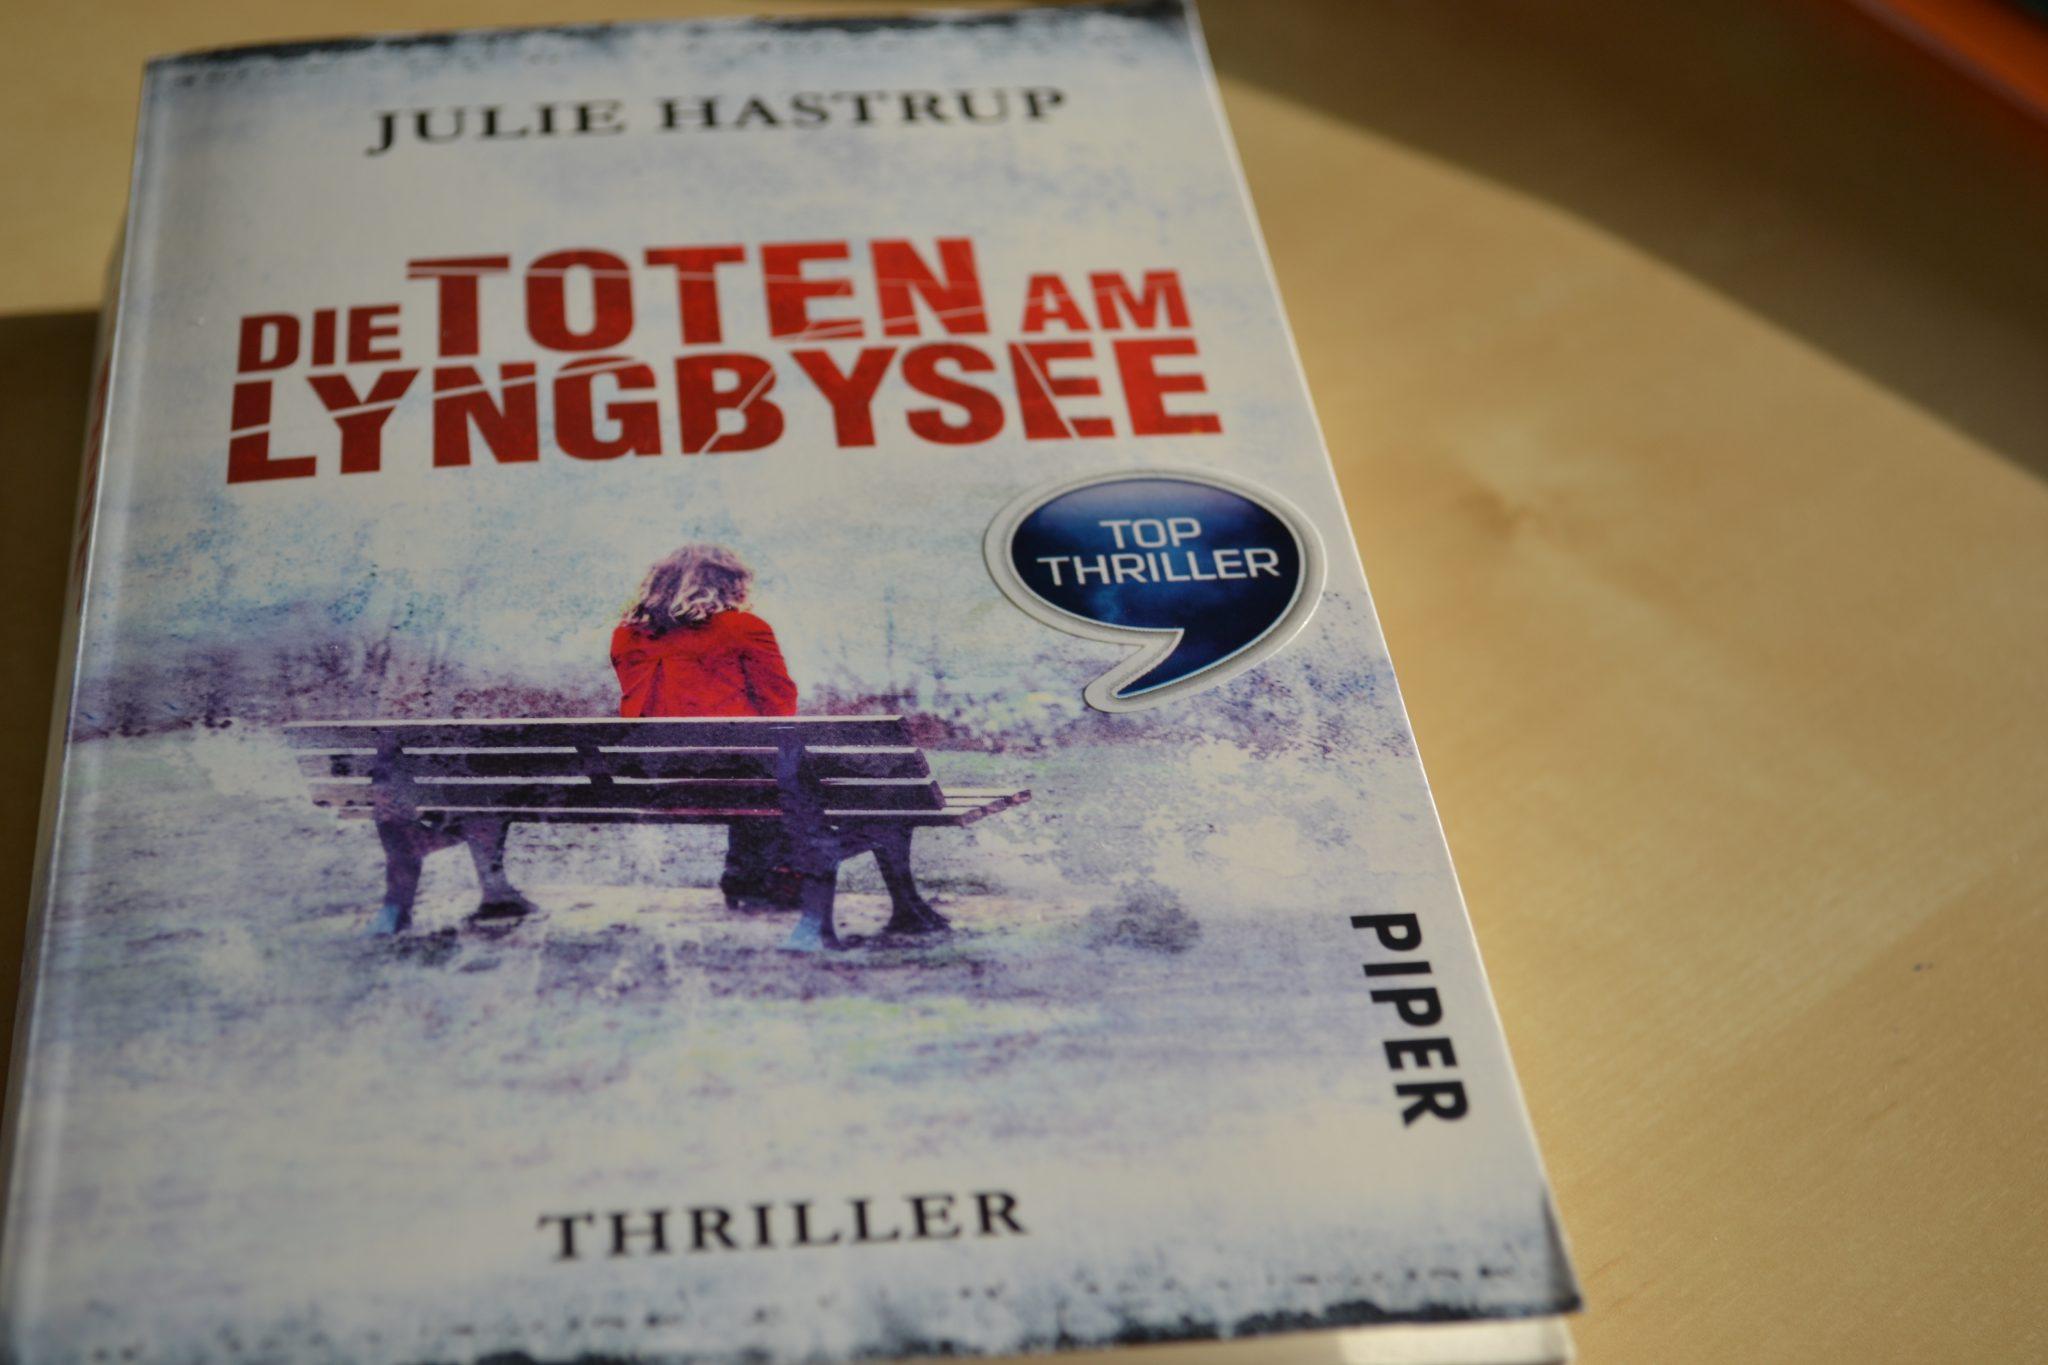 Books: Die Toten am Lyngbysee | Julie Hastrup - dsc 0560